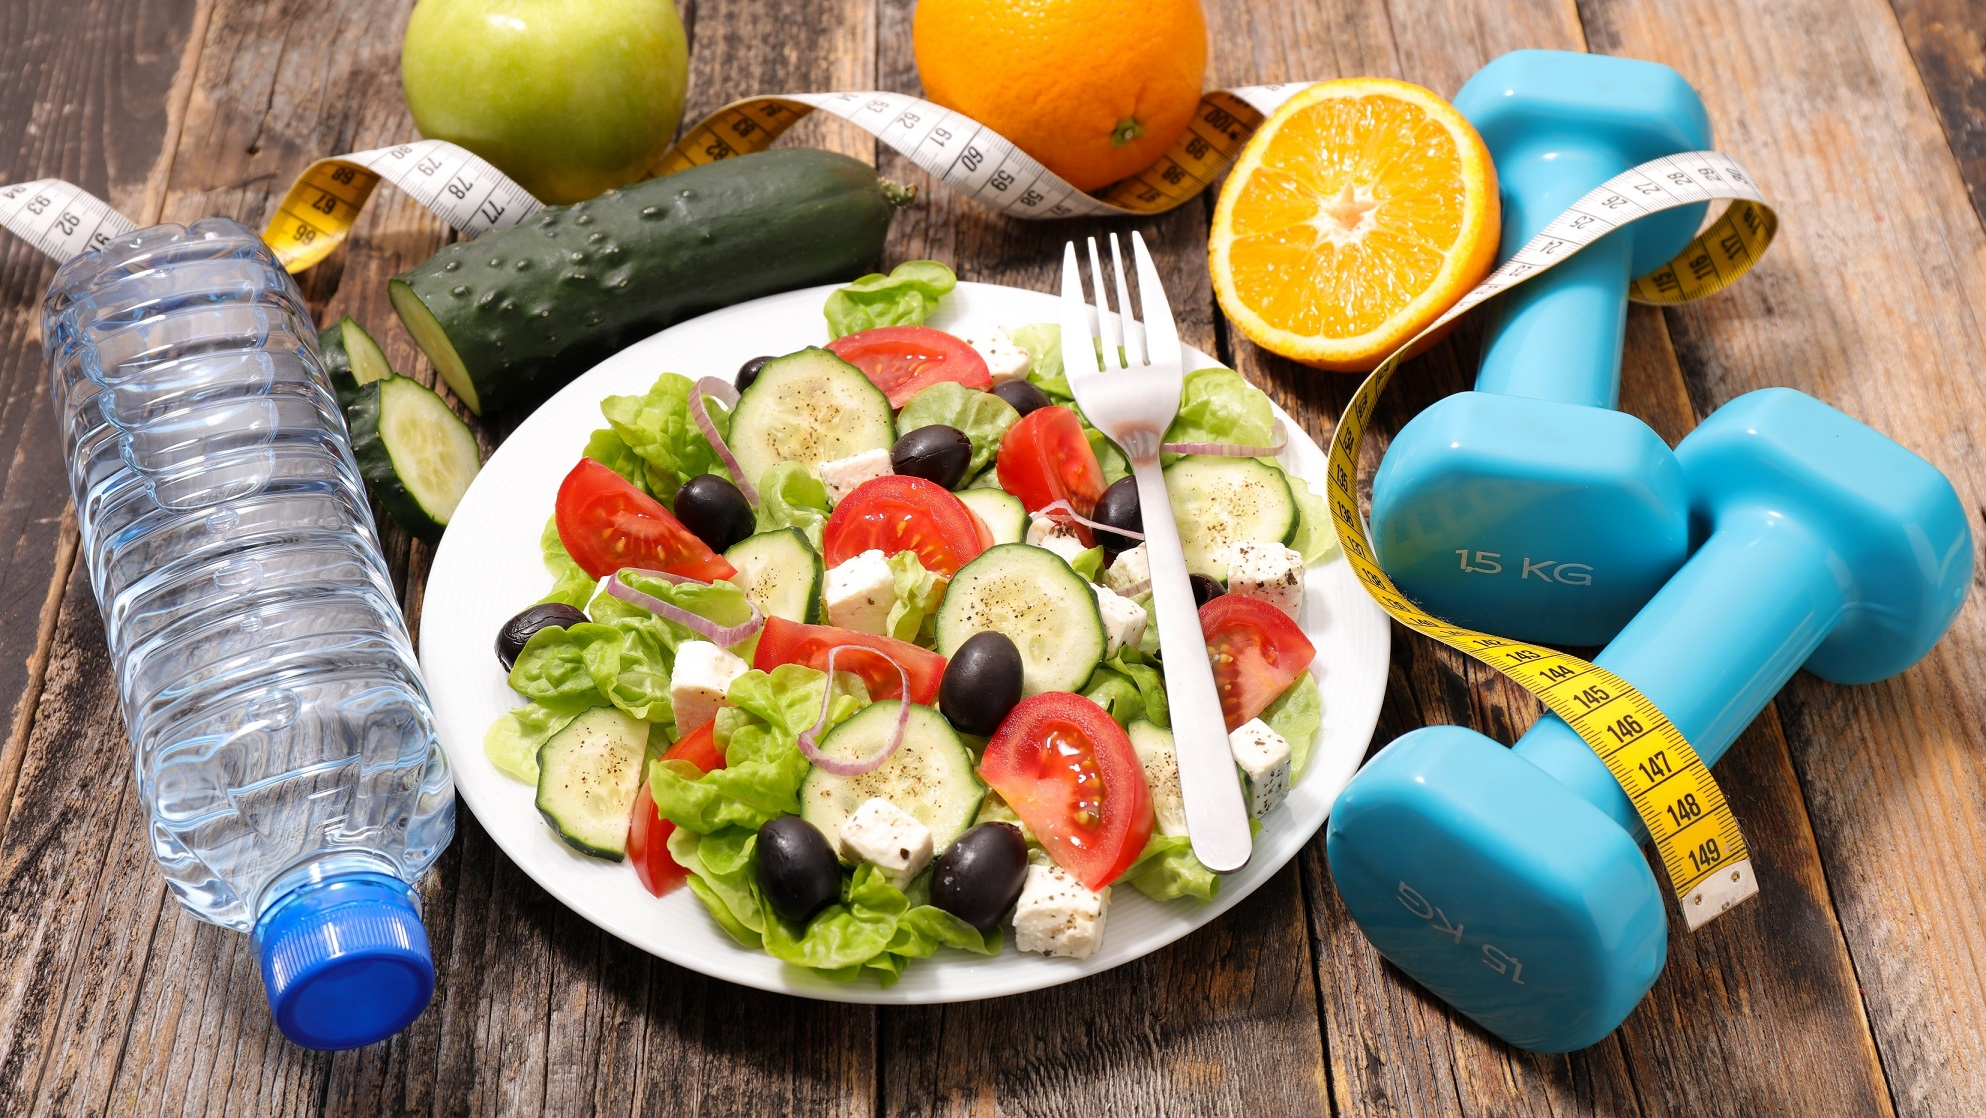 Шест от десет потребители търсят храни и напитки, които поддържат имунитета 26